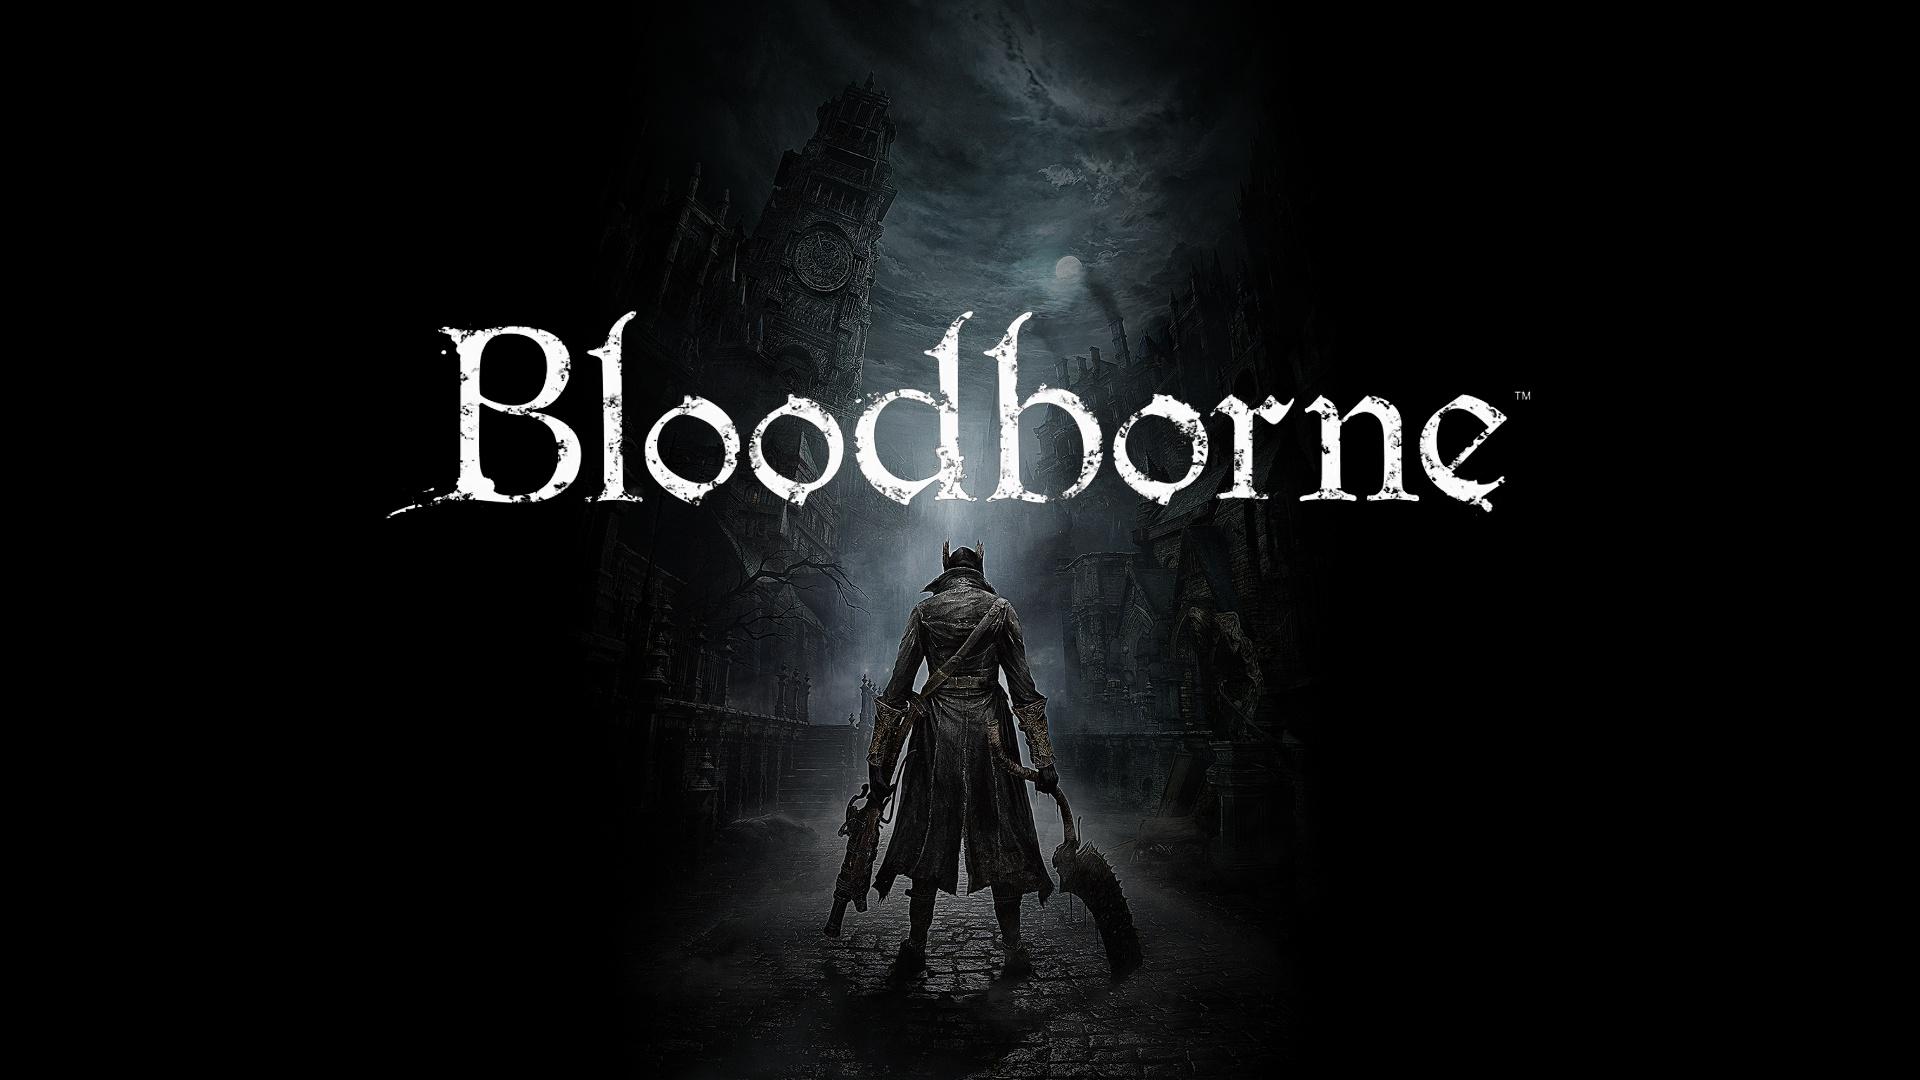 ویدیویی جالب از بازی Bloodborne با زاویه دید دوربین از بالا منتشر شده است!